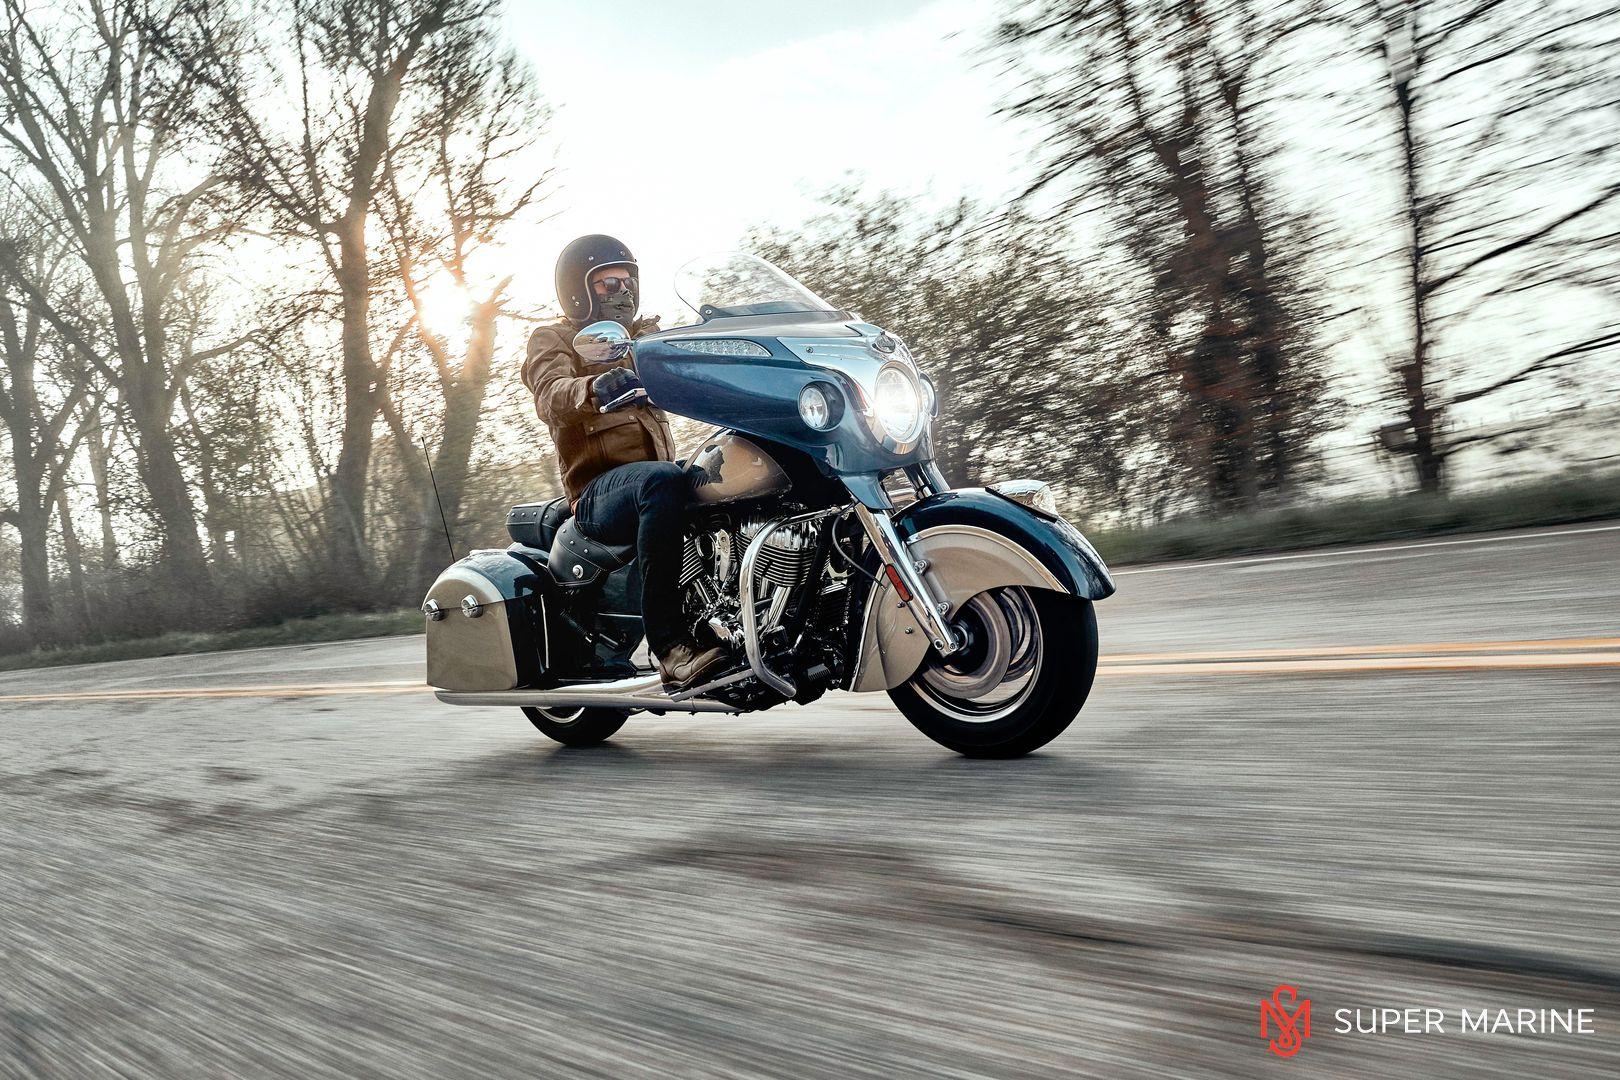 Мотоцикл Indian Chieftain Classic Deep Water Metallic / Dirt Track Tan 2019 - 21